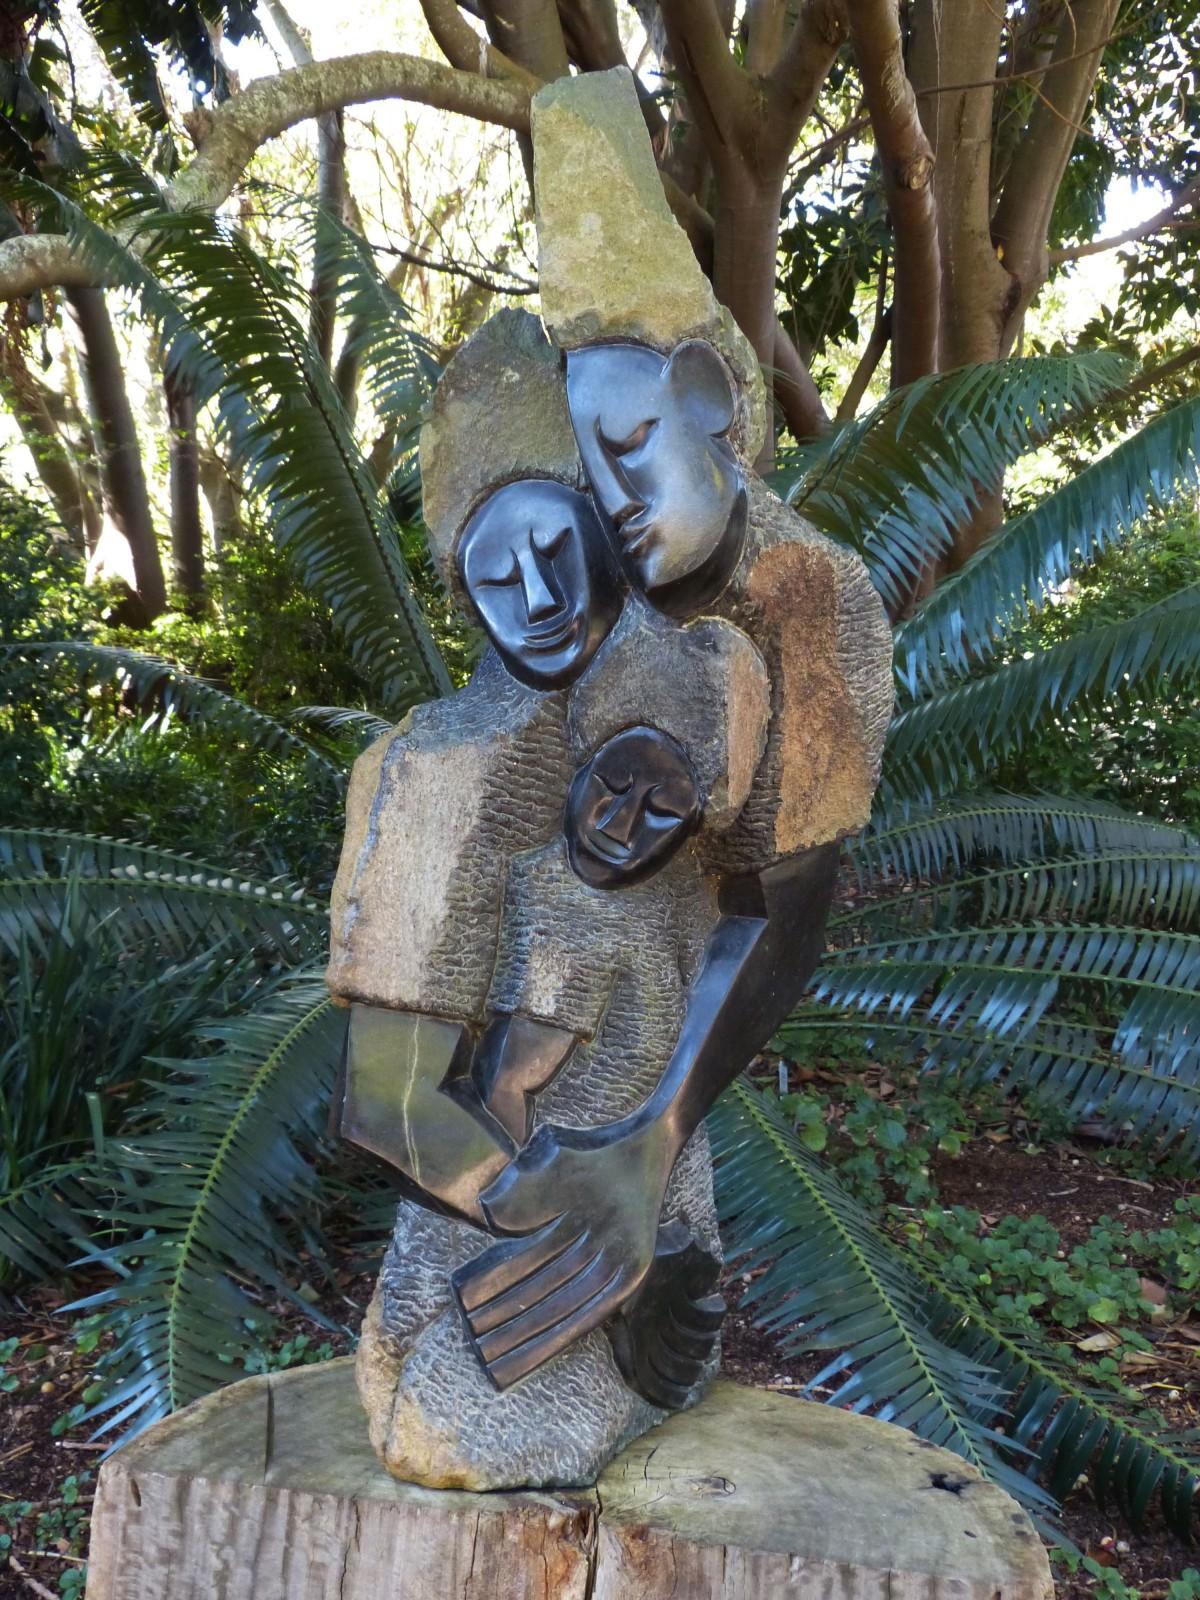 Bakgrundsbilder  Djur-, Monument, Vilda Djur Och Vxter, Staty, Zoo, Dekoration, Djungel -8407